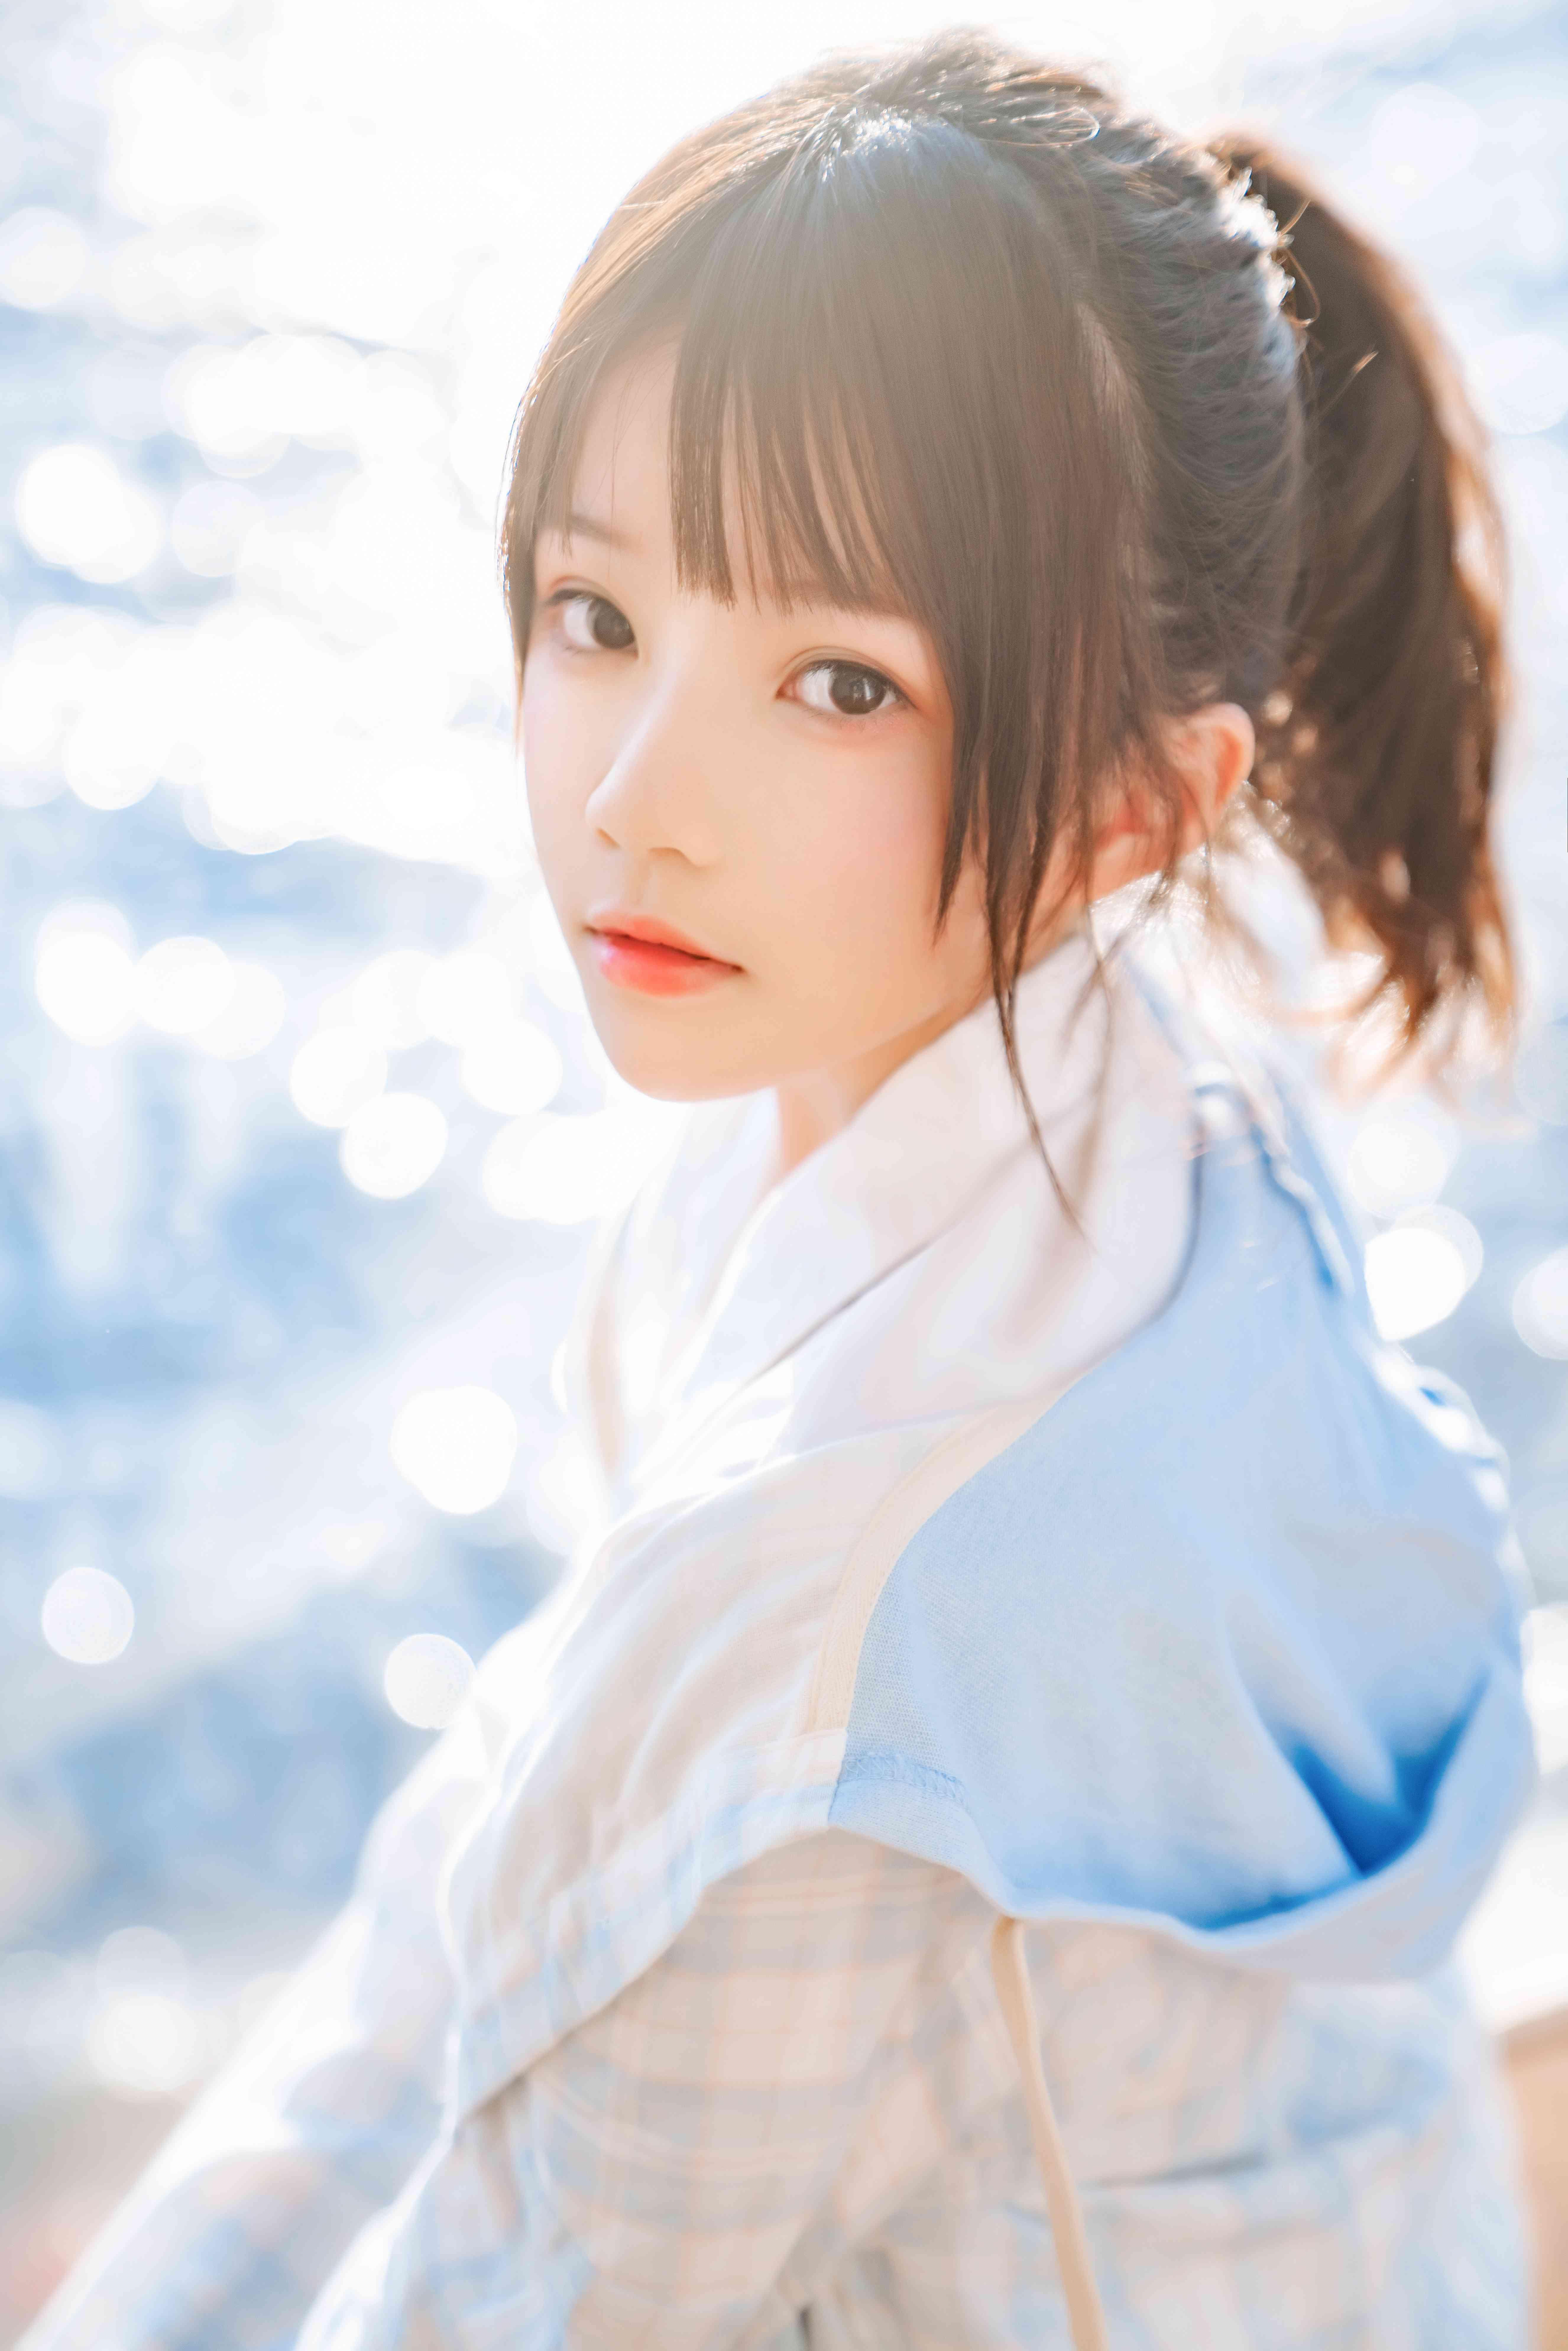 桜桃喵感光写真,桜桃未熟系列第二弹